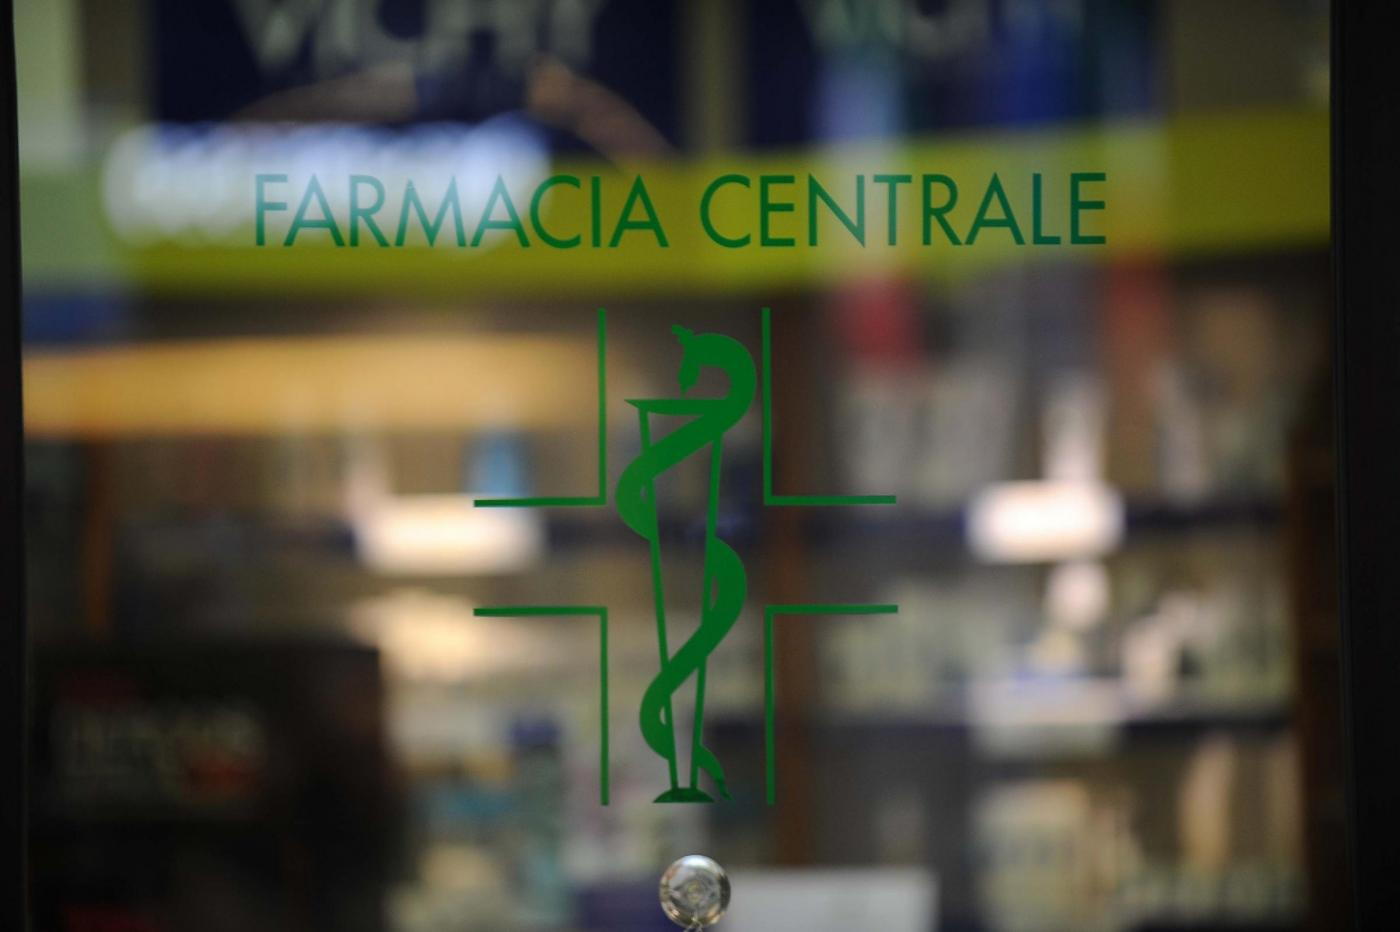 Gentamicina: lotto del medicinale ritirato dall'Aifa per rischio letale